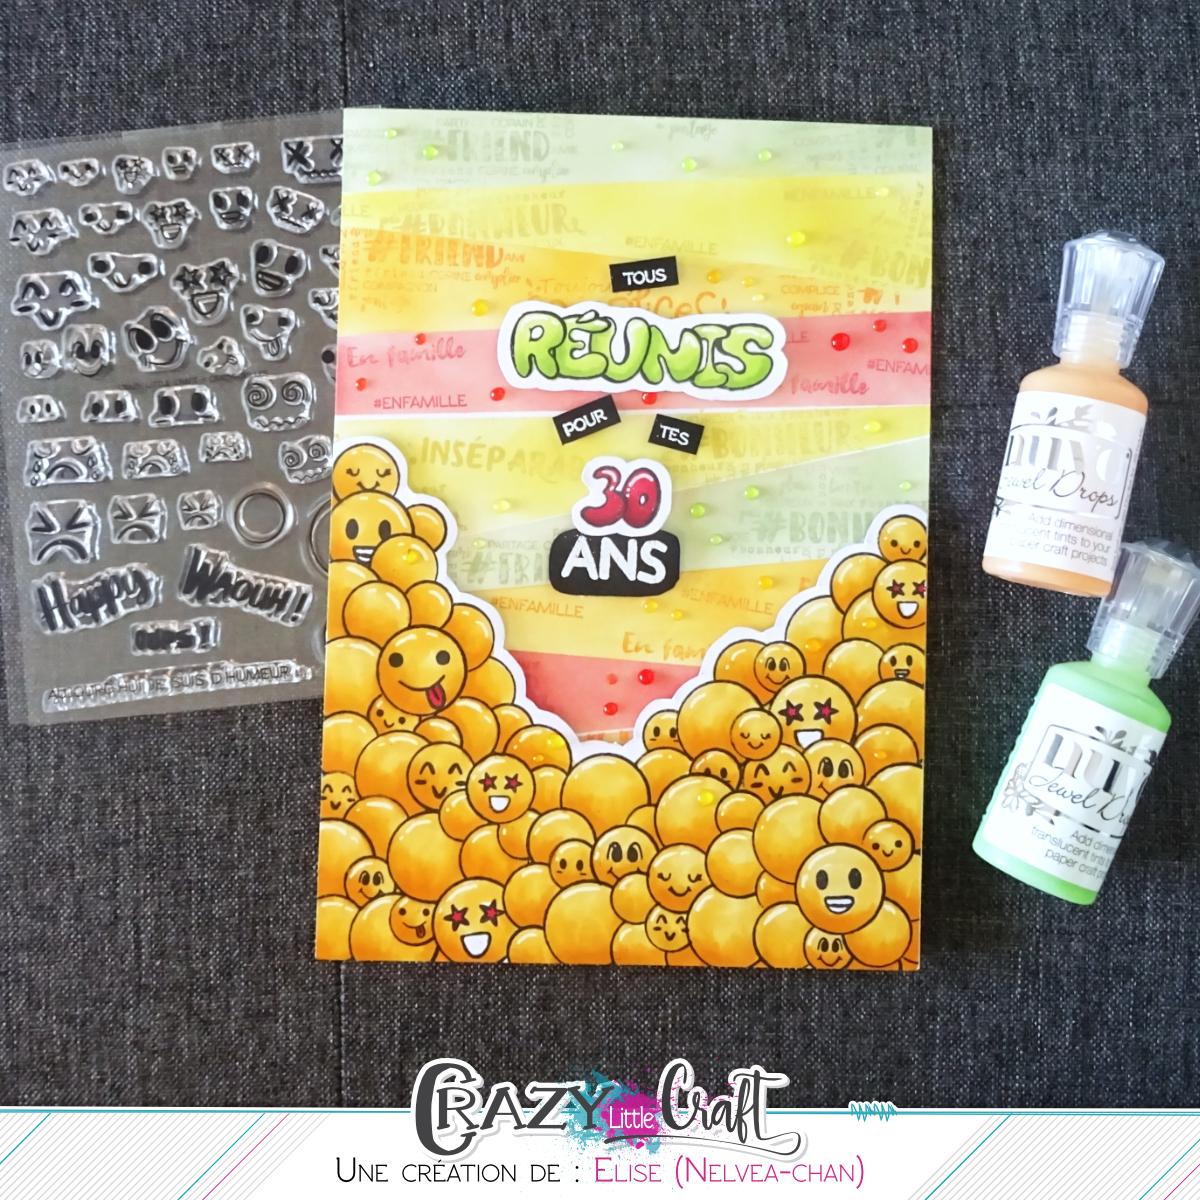 Crazy Little Craft Carte Anniversaire Grand Format Pour Grande Fete